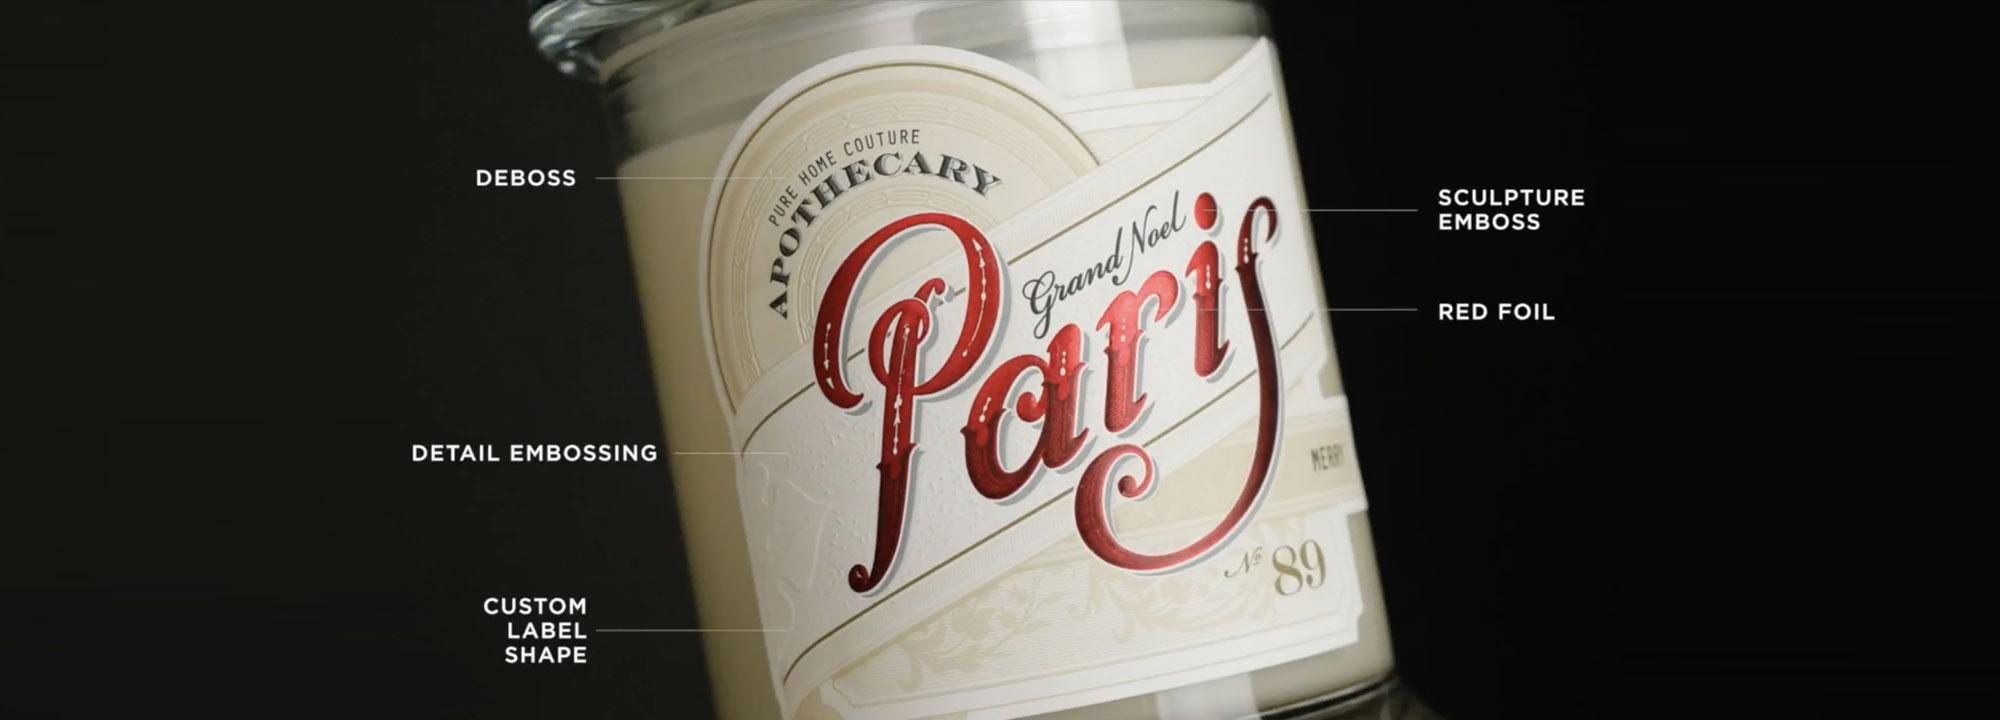 Paris Candle Label